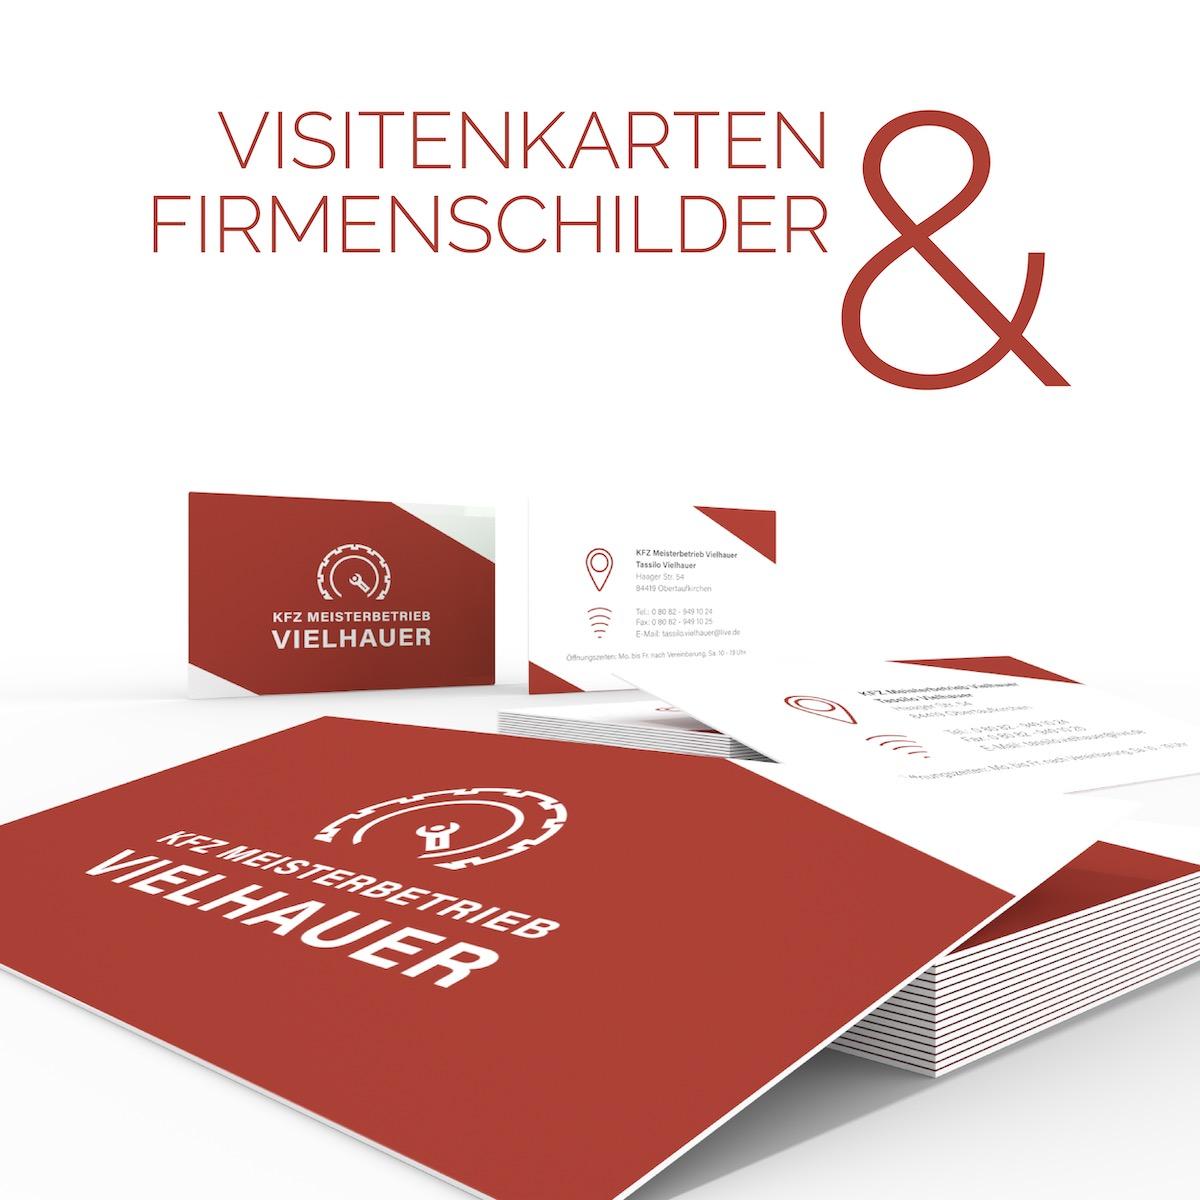 geschmacksRaum_WERBEAGENTUR_Logo_Firmenschild_Fahrzeugbeschriftung_und_Visitenkarten_fuer_Tassilo_Vielhauers_KFZ-Meisterbetrieb_B-f